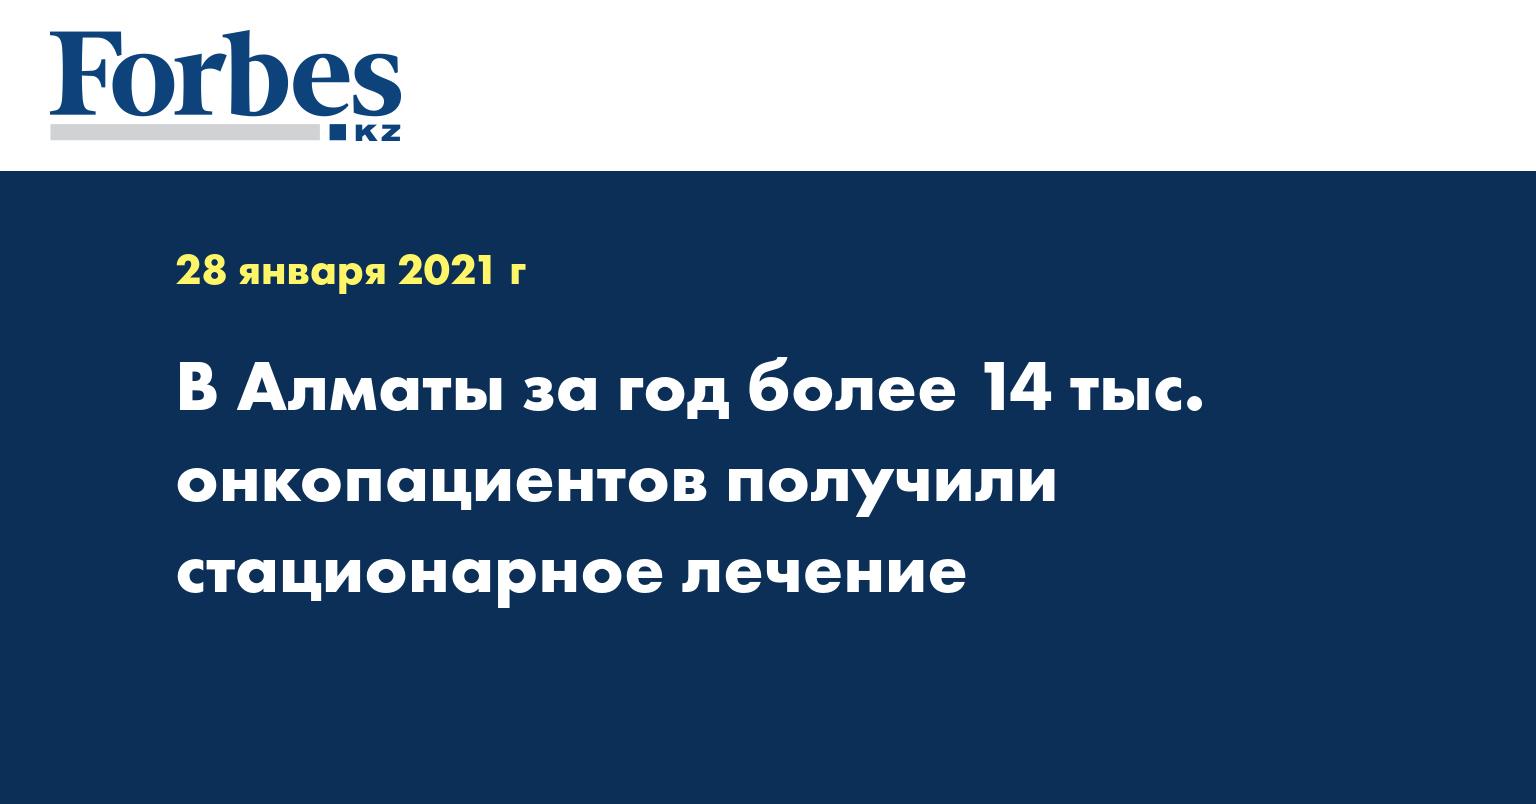 В Алматы за год более 14 тыс. онкопациентов получили стационарное лечение